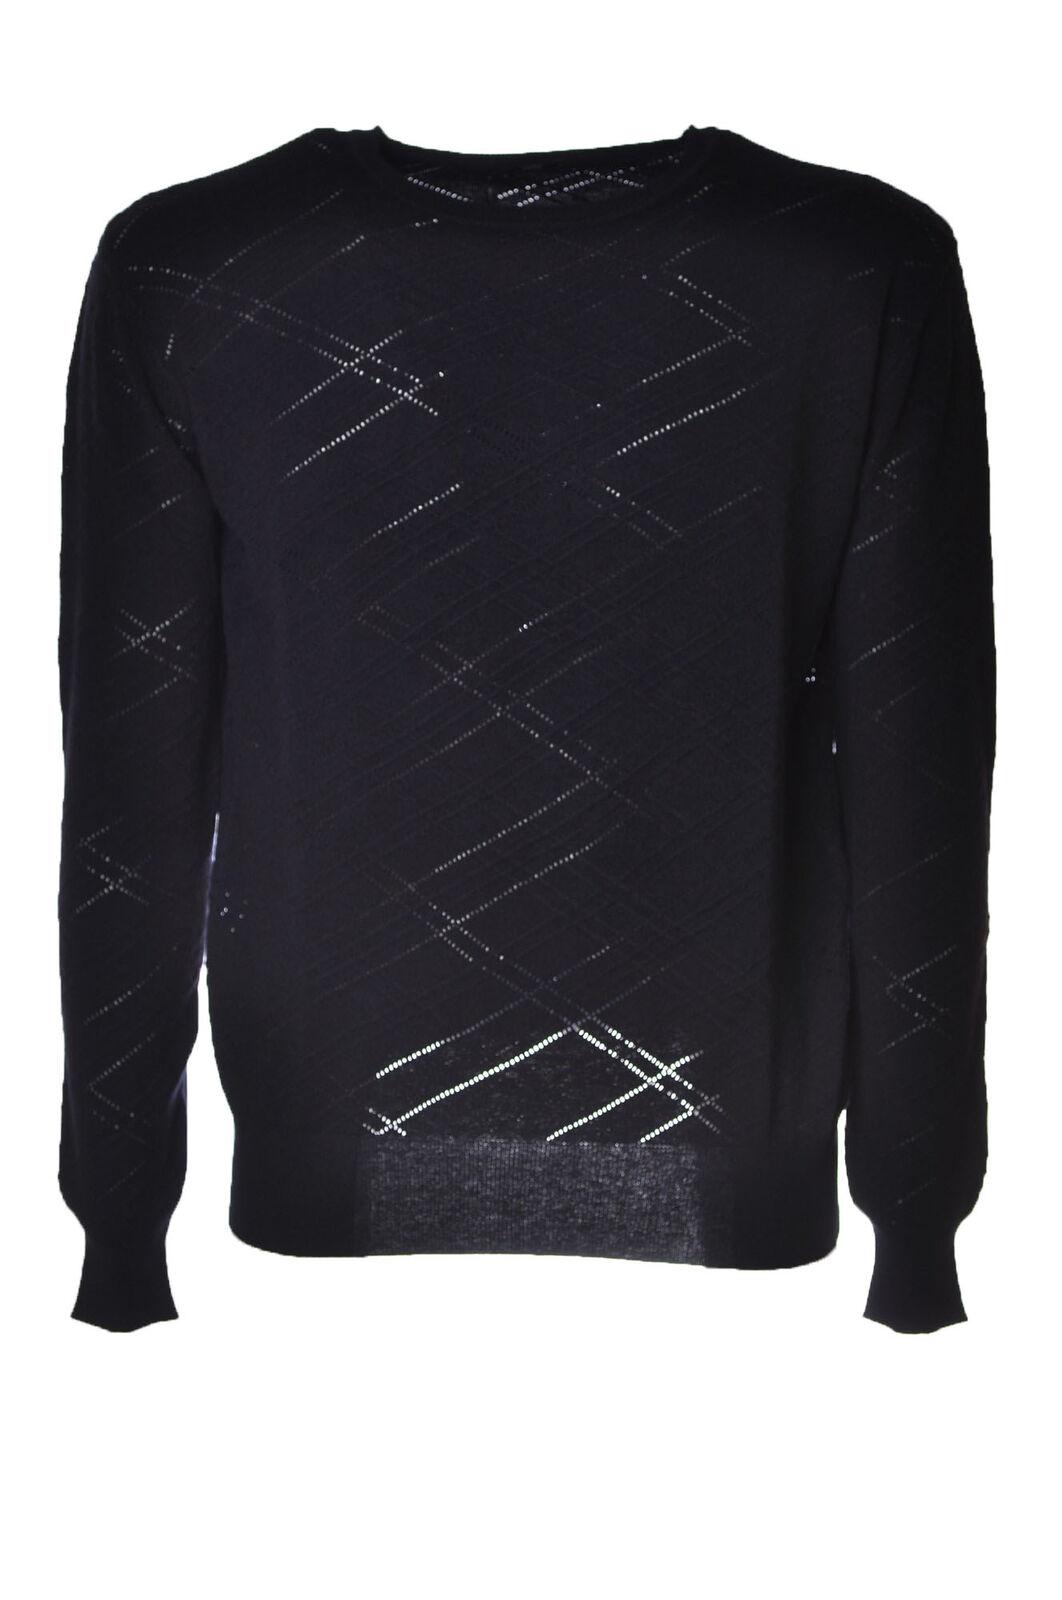 Hosio  - -  Sweaters - - Male - blu - 4393325A184704 5d892d